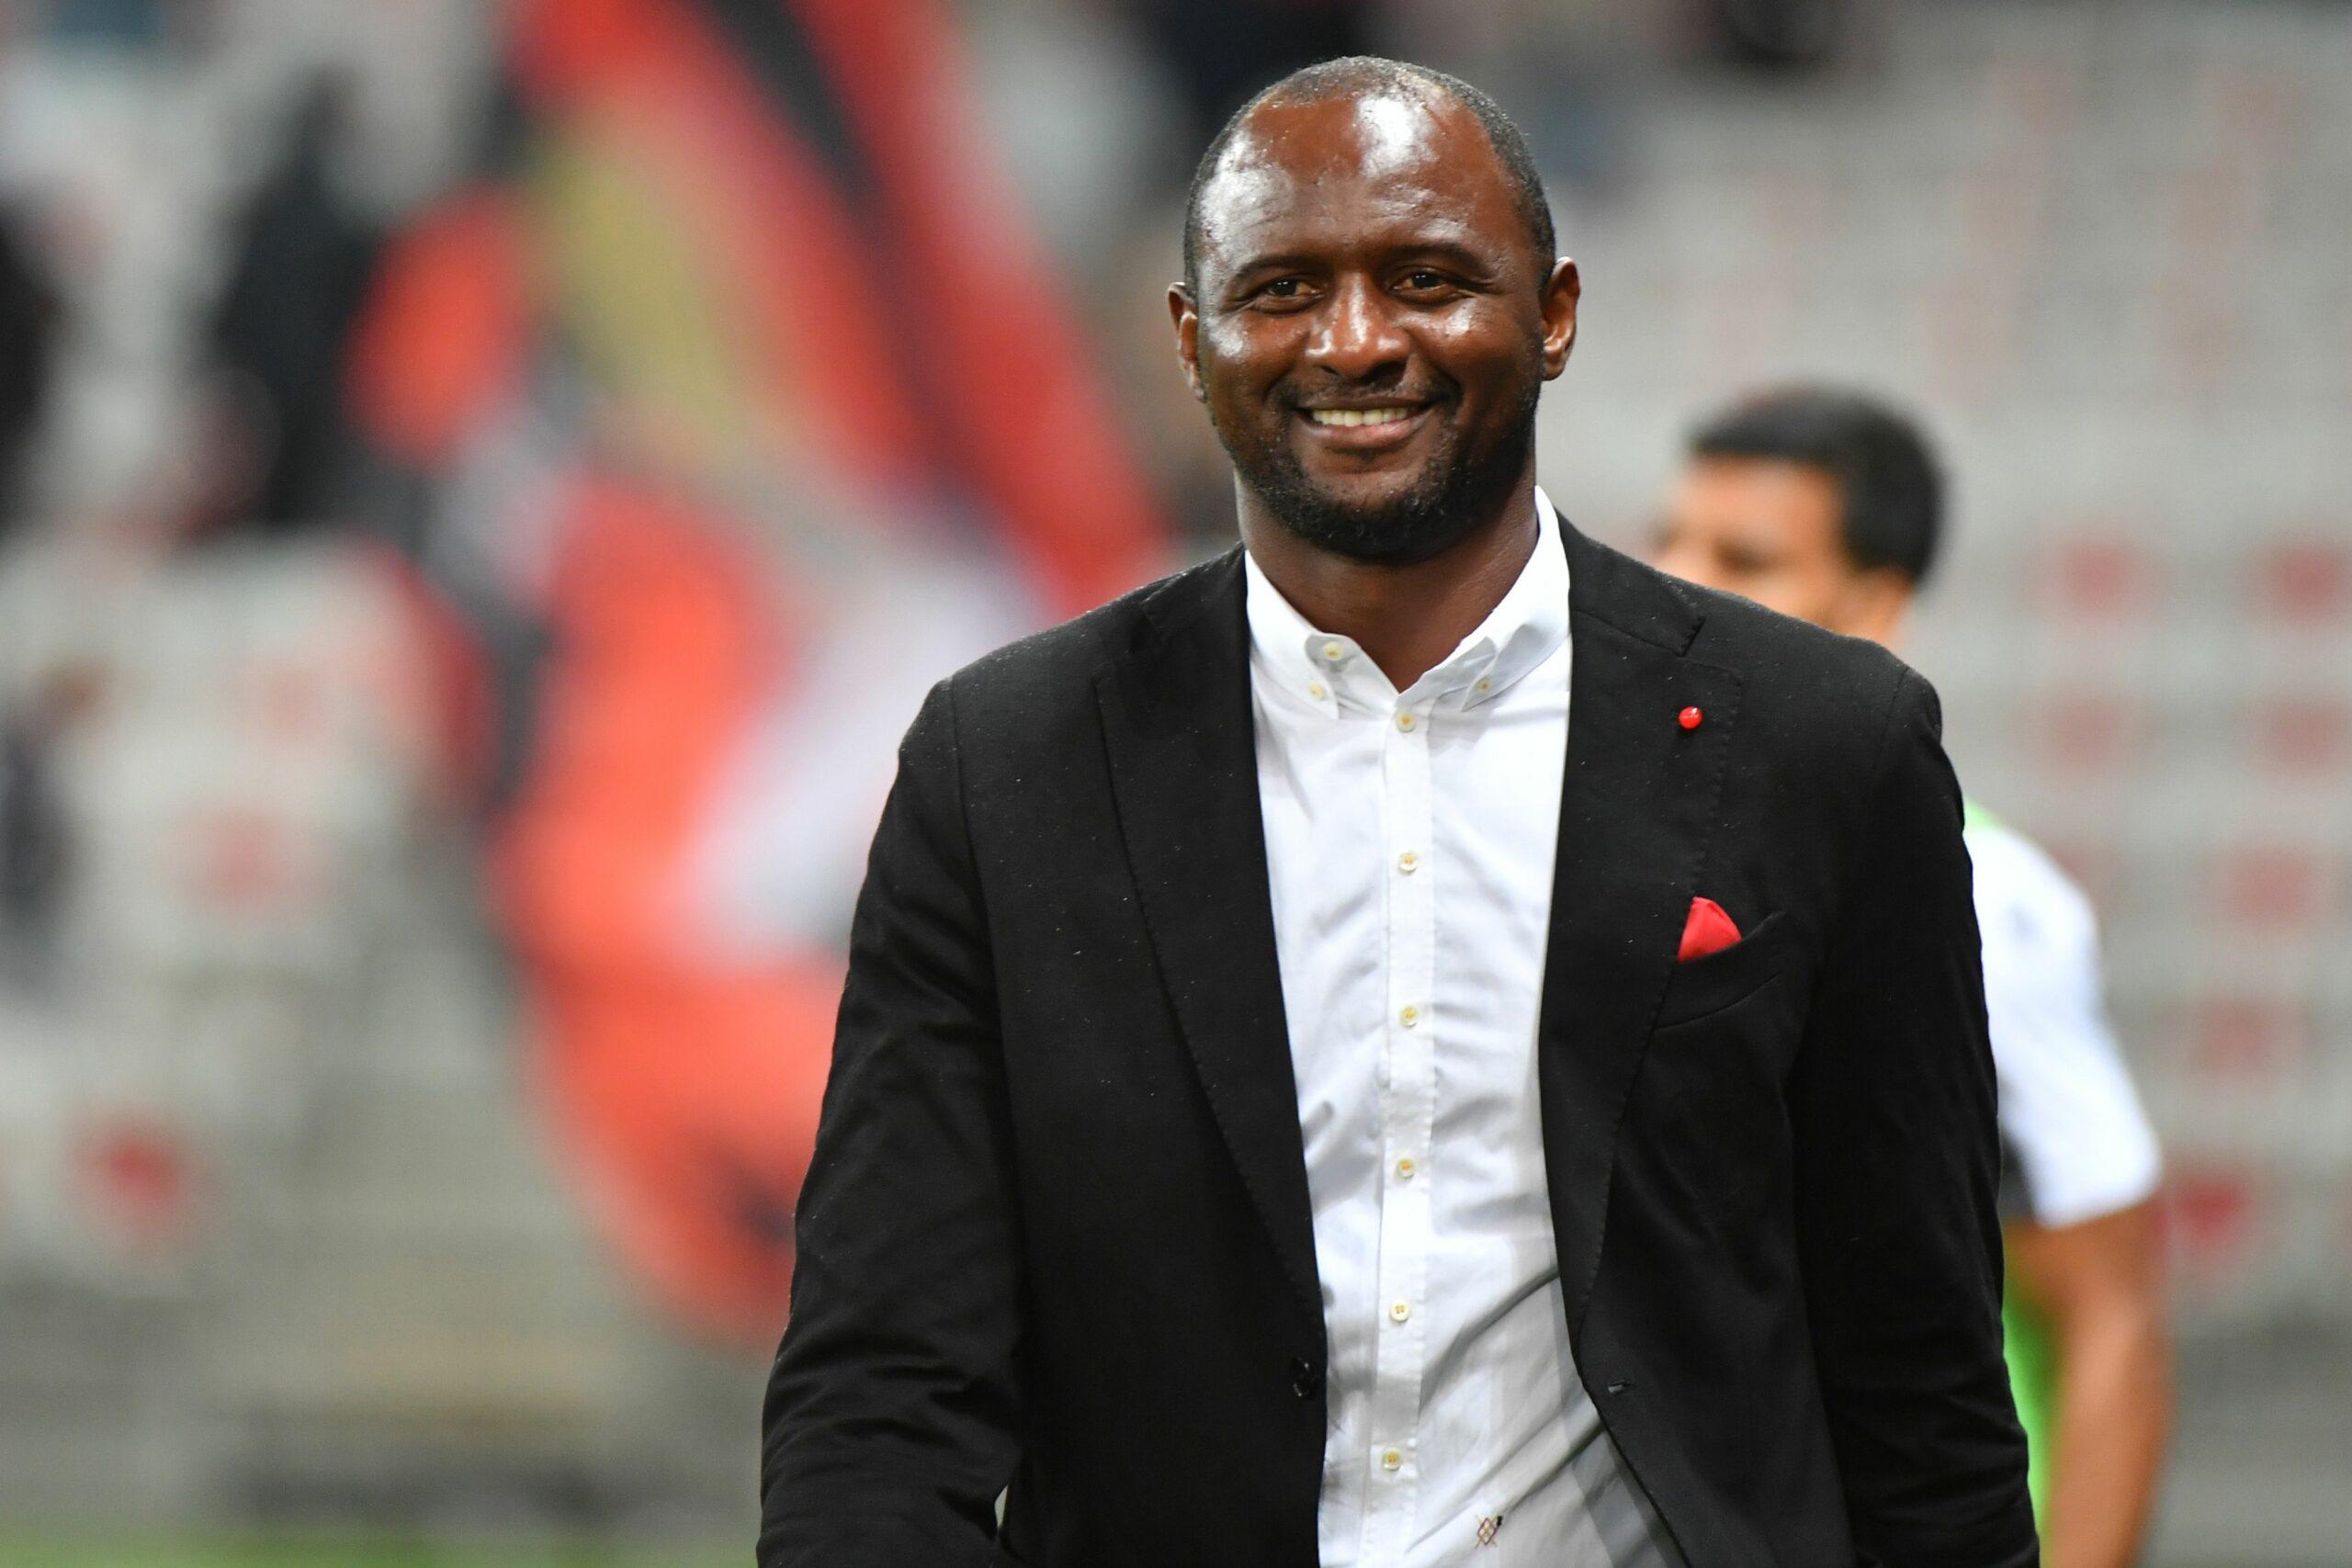 OGC Nice : Les Aiglons dénichent le successeur de Vieira en Ligue 1 ! 1